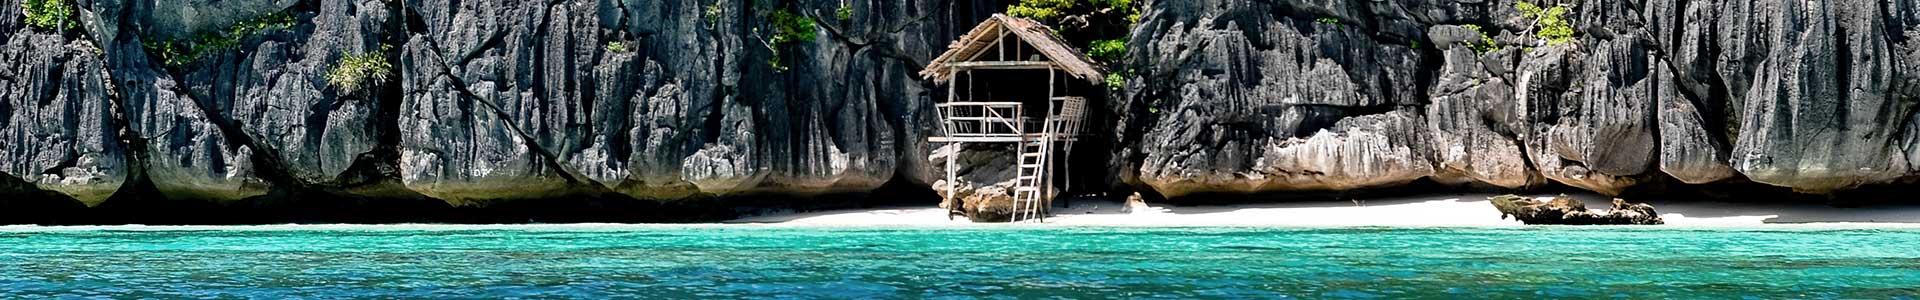 Voyage aux Philippines - TUI